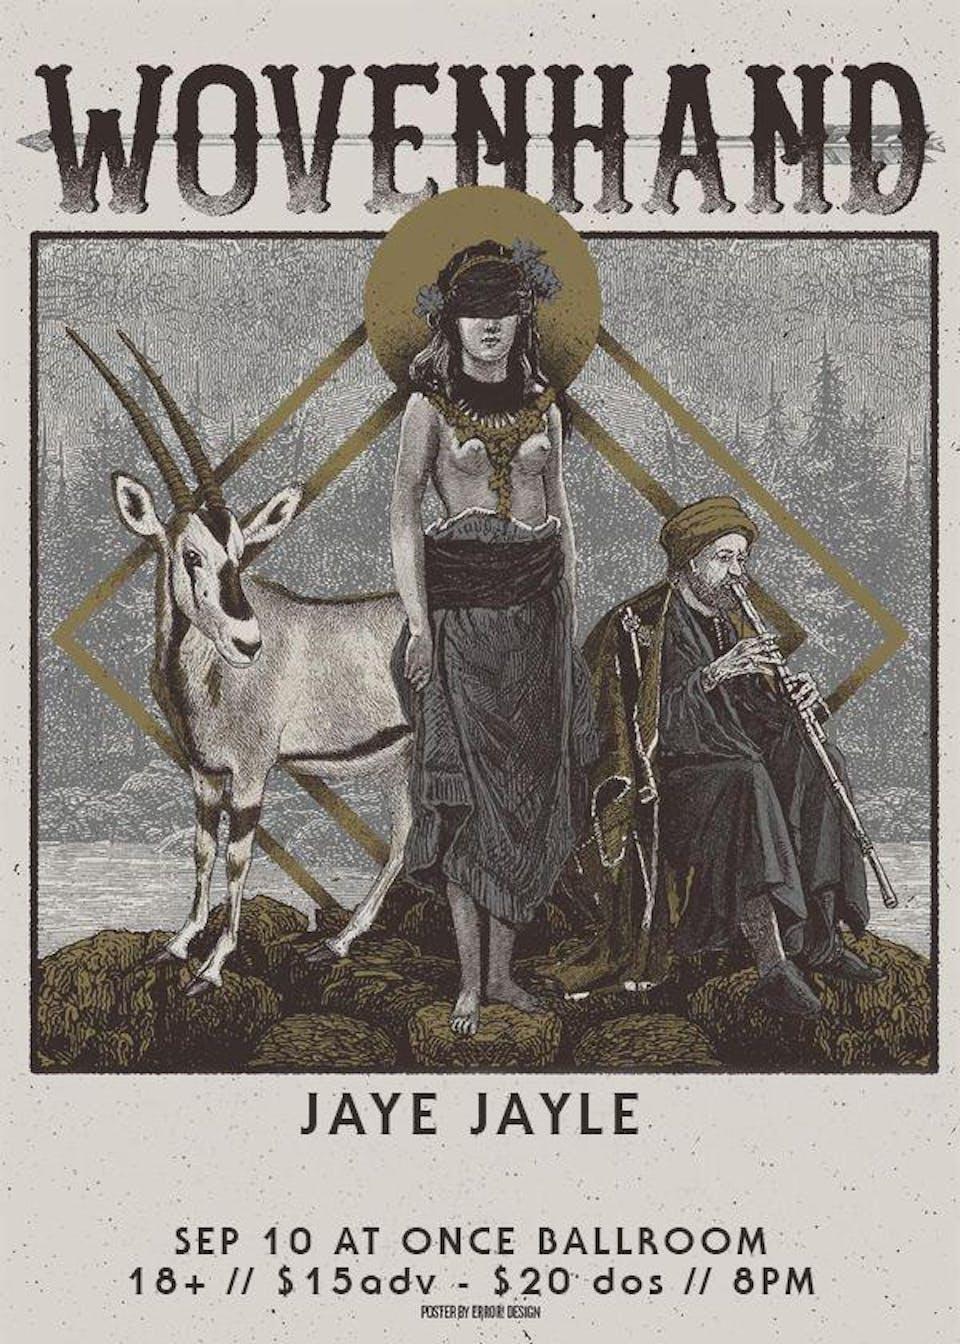 Wovenhand, Jaye Jayle